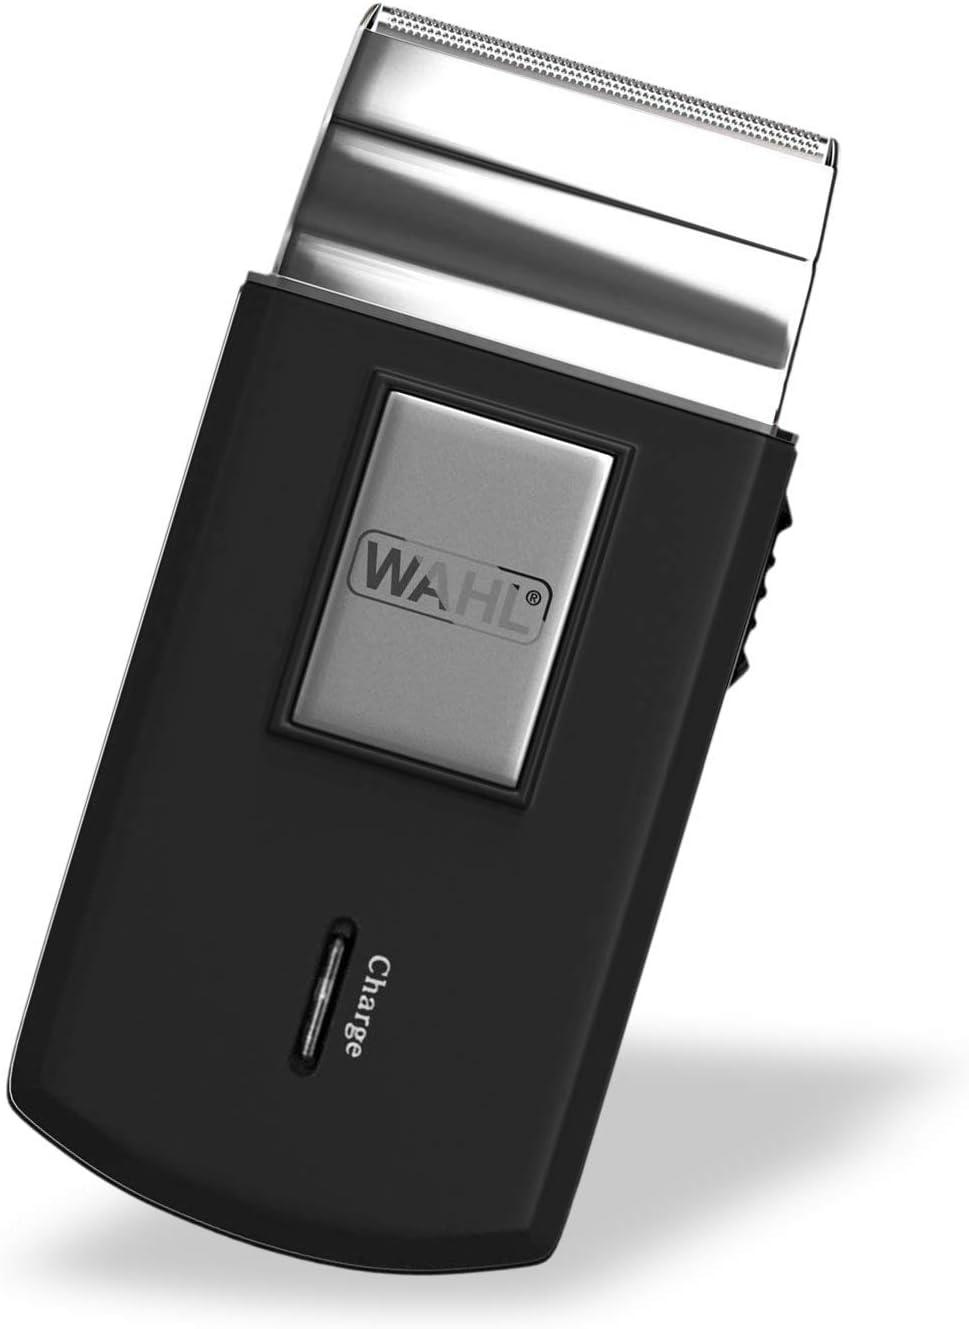 Wahl 3615-0471-Mobile Shaver, Kit para el corte de pelo - 1 unidad, batería, a red;indicadores led;pantalla lcd multifuncional;tapa protectora;recargable